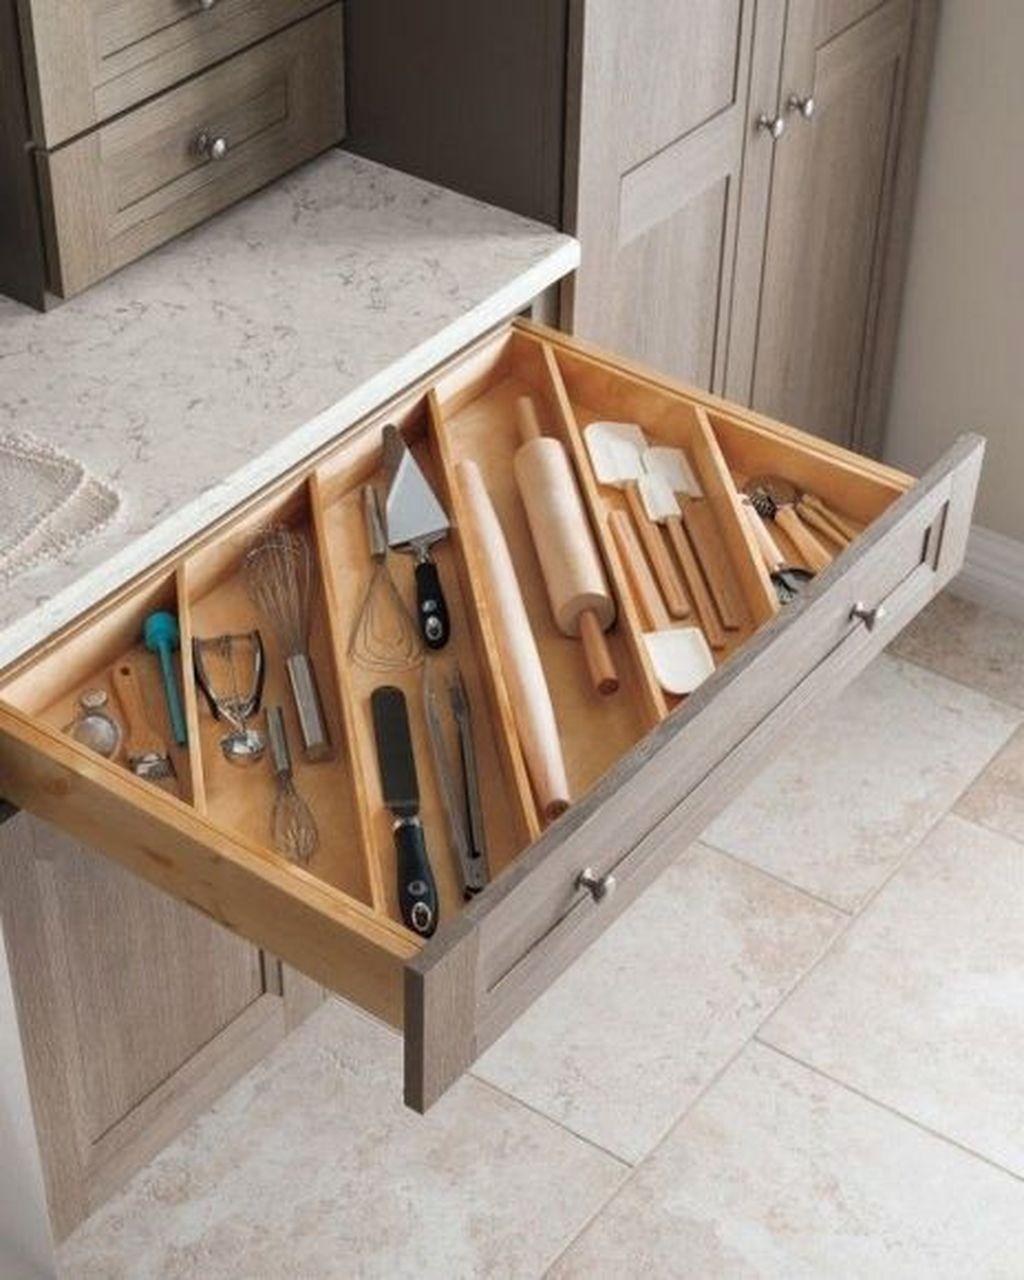 44 The Best Kitchen Organization Cabinet Ideas - HOOMDESIGN